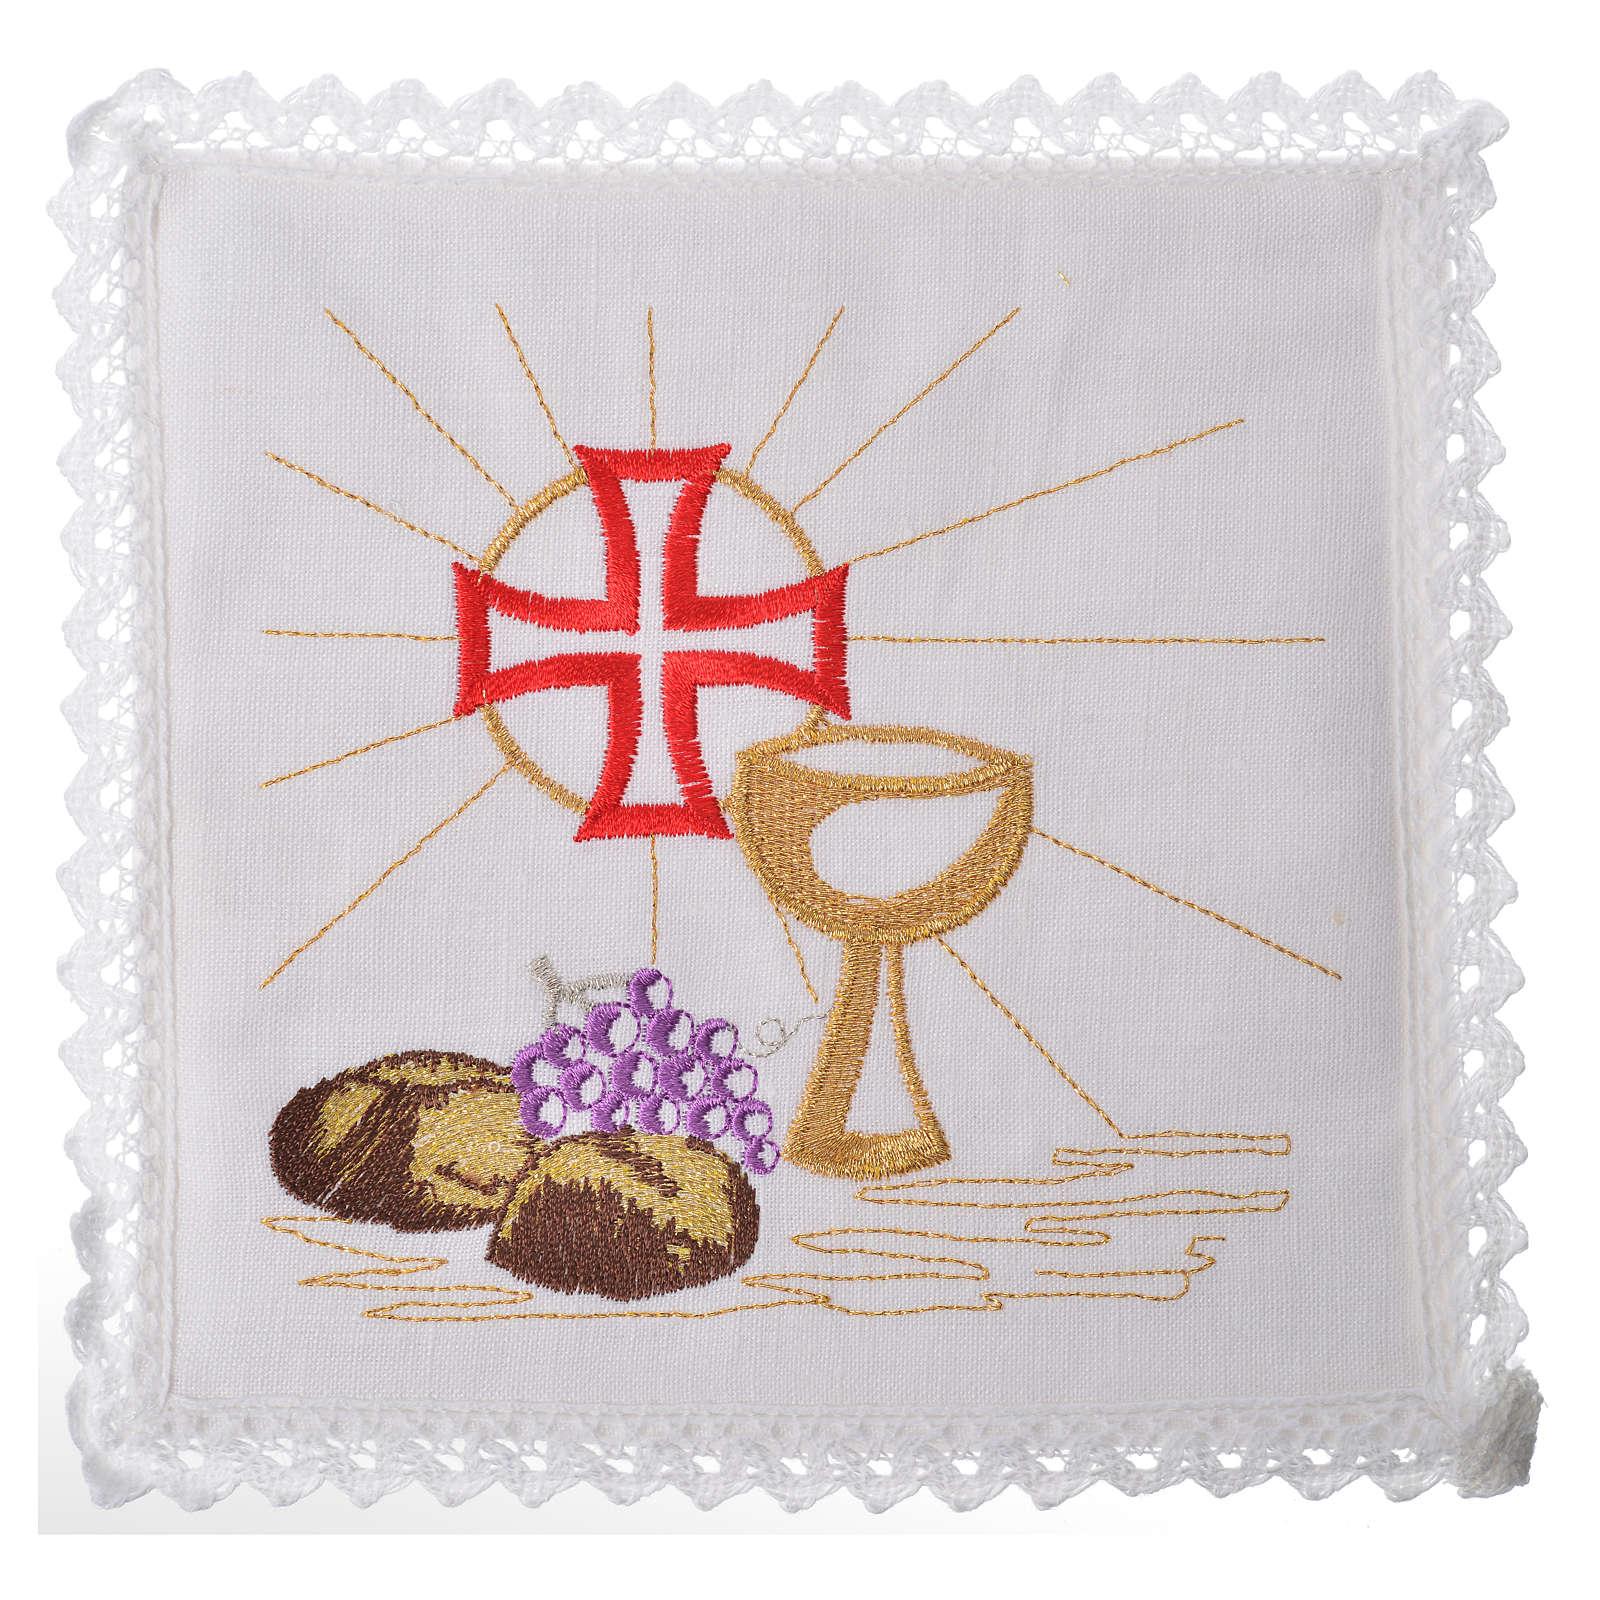 Servizio da messa 100% lino calice croce pane uva 4